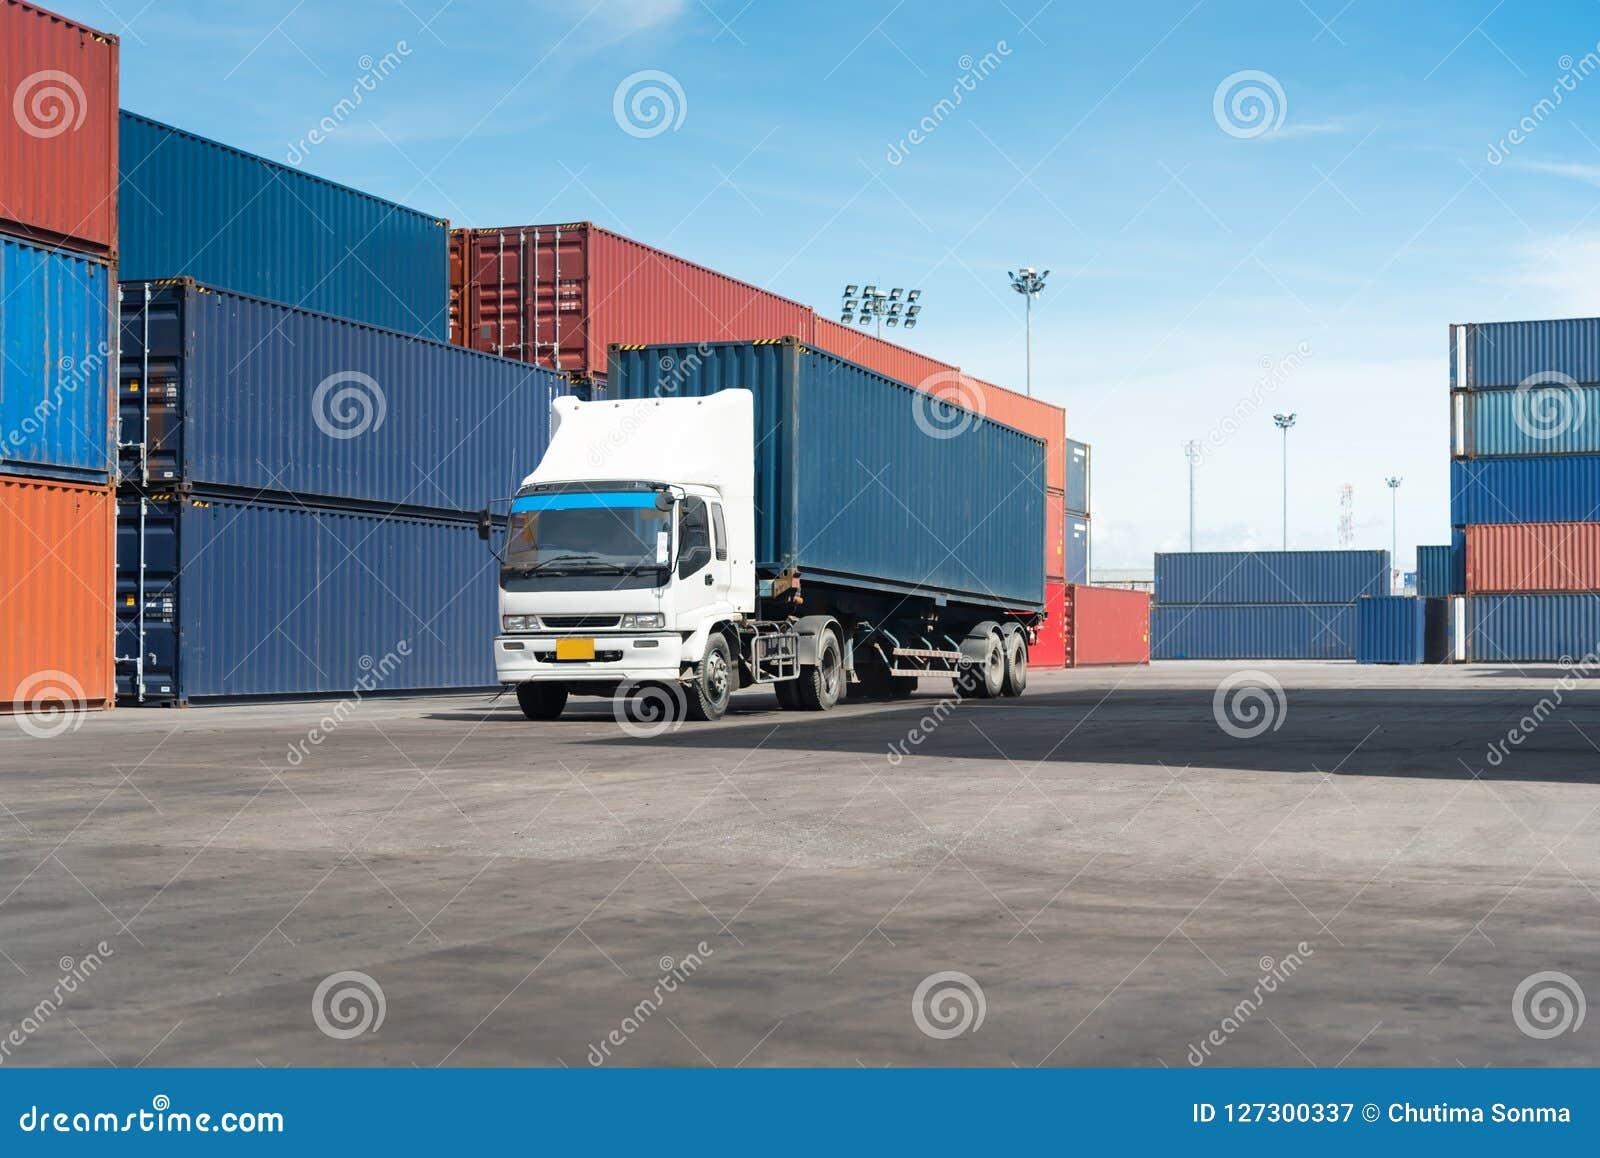 Φορτηγό με το εμπορευματοκιβώτιο φορτίου στο δρόμο στη ναυτιλία του ναυπηγείου